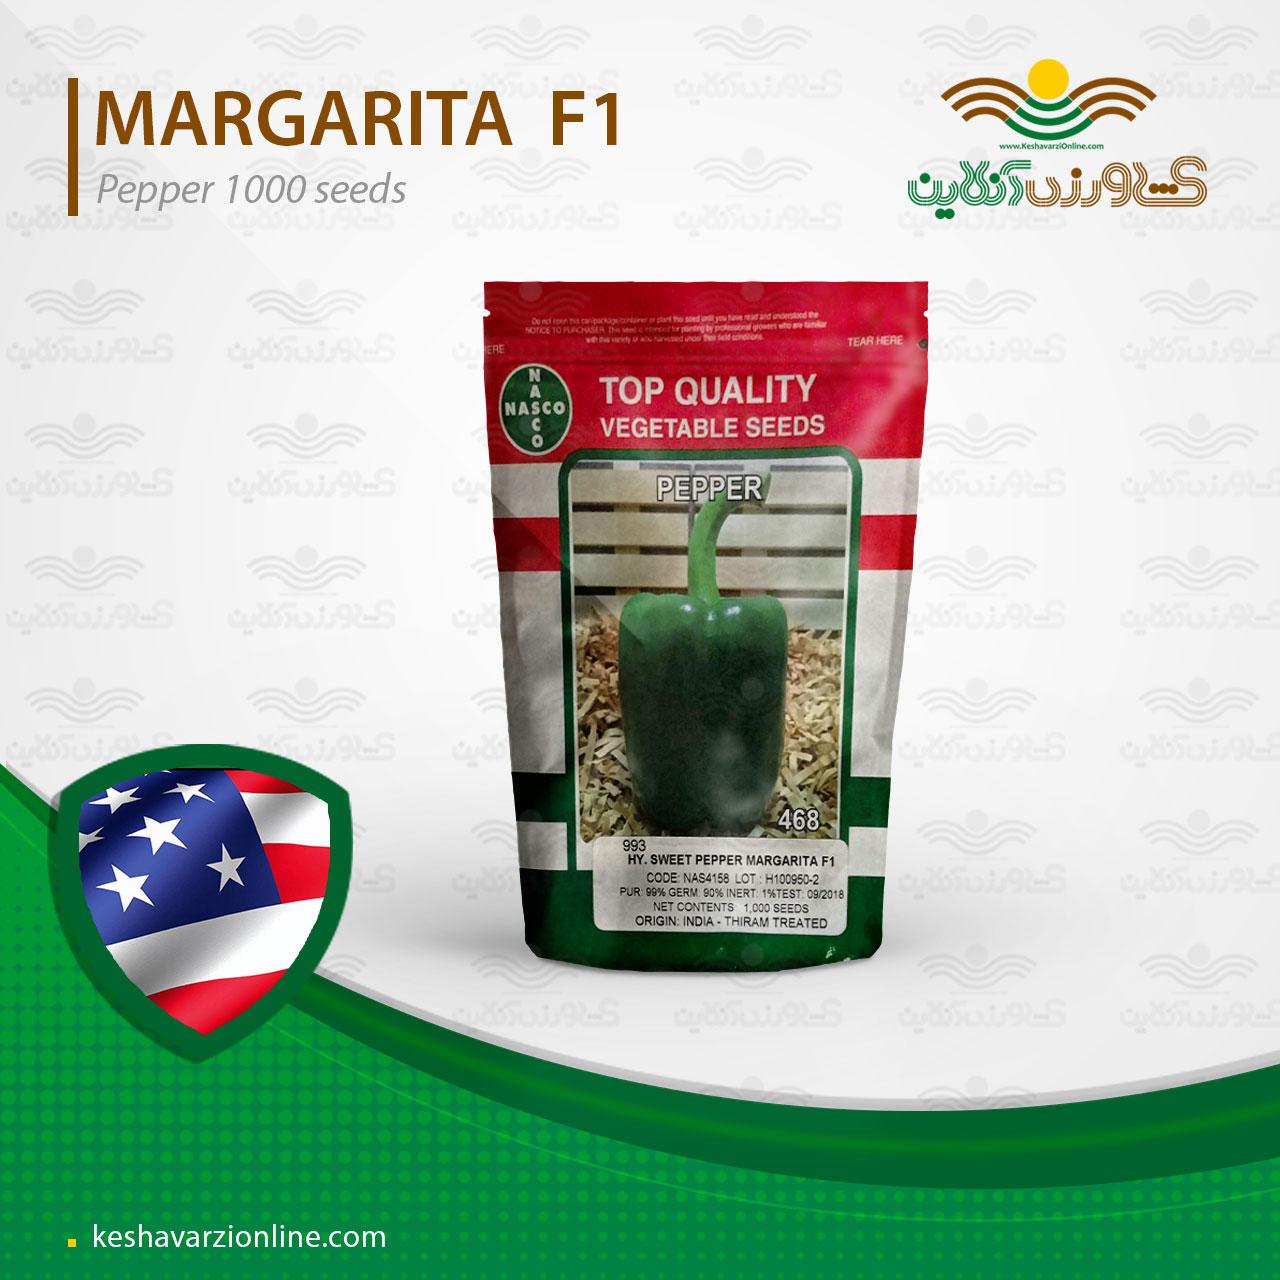 بذر فلفل دلمه ای مارگاریتا آمریکایی